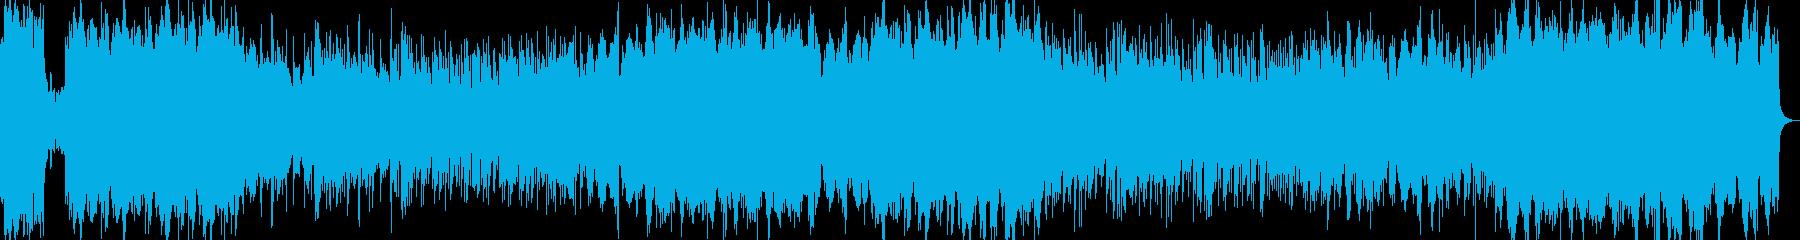 オーケストラ硝子シャンデリア優しいワルツの再生済みの波形